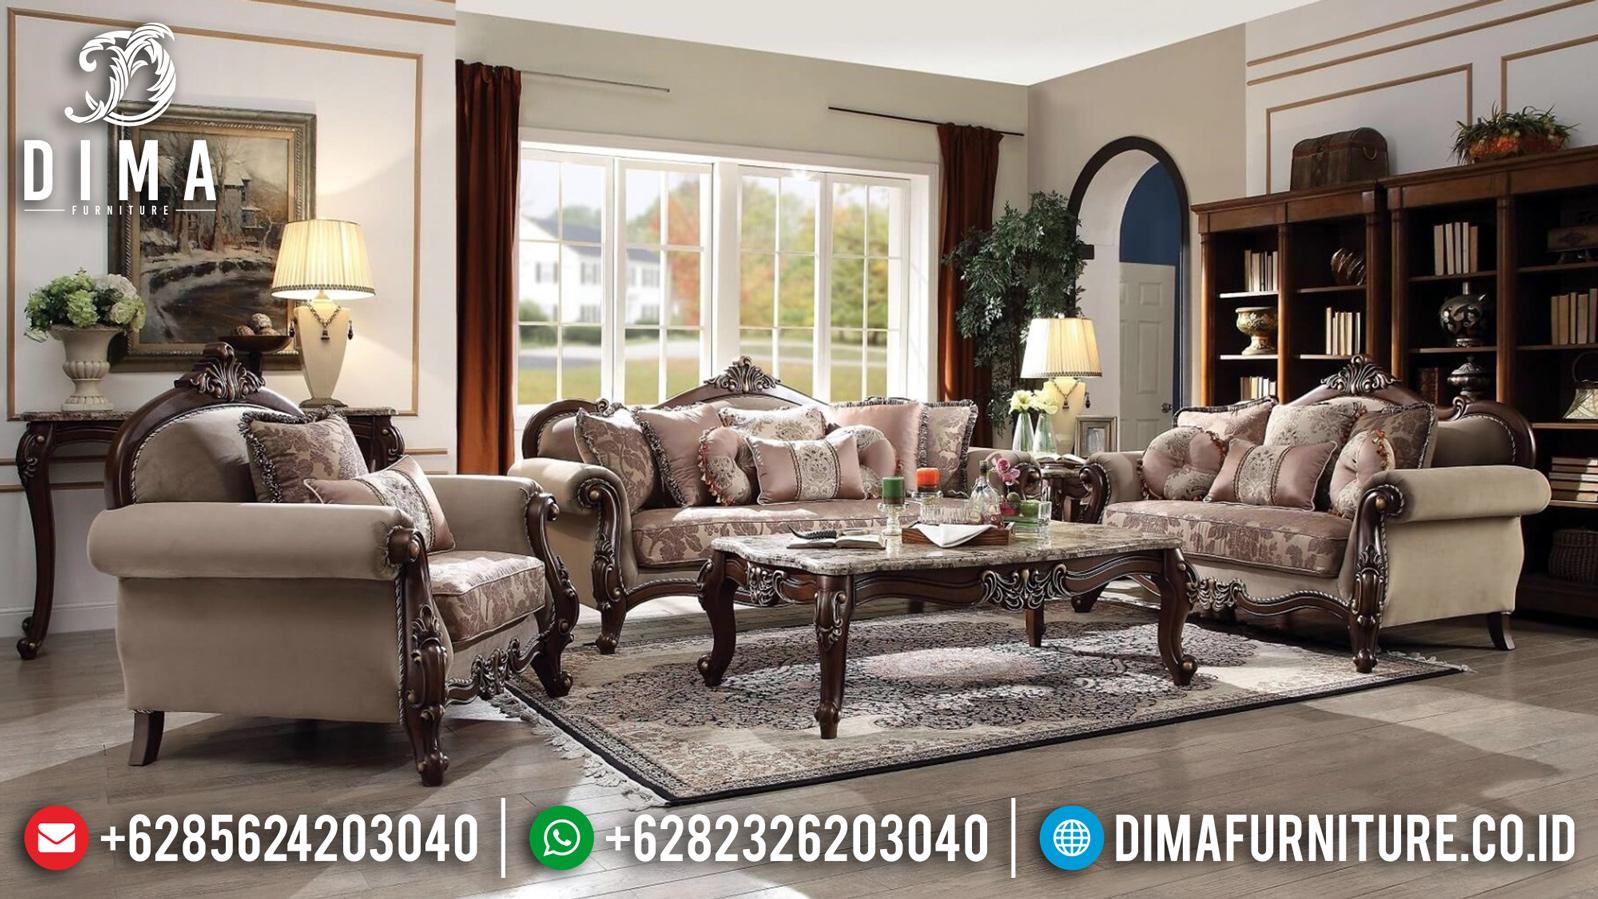 Jual Sofa Tamu Mewah Ukiran Luxury Klasik Natural Jati Perhutani Jepara MMJ-0832